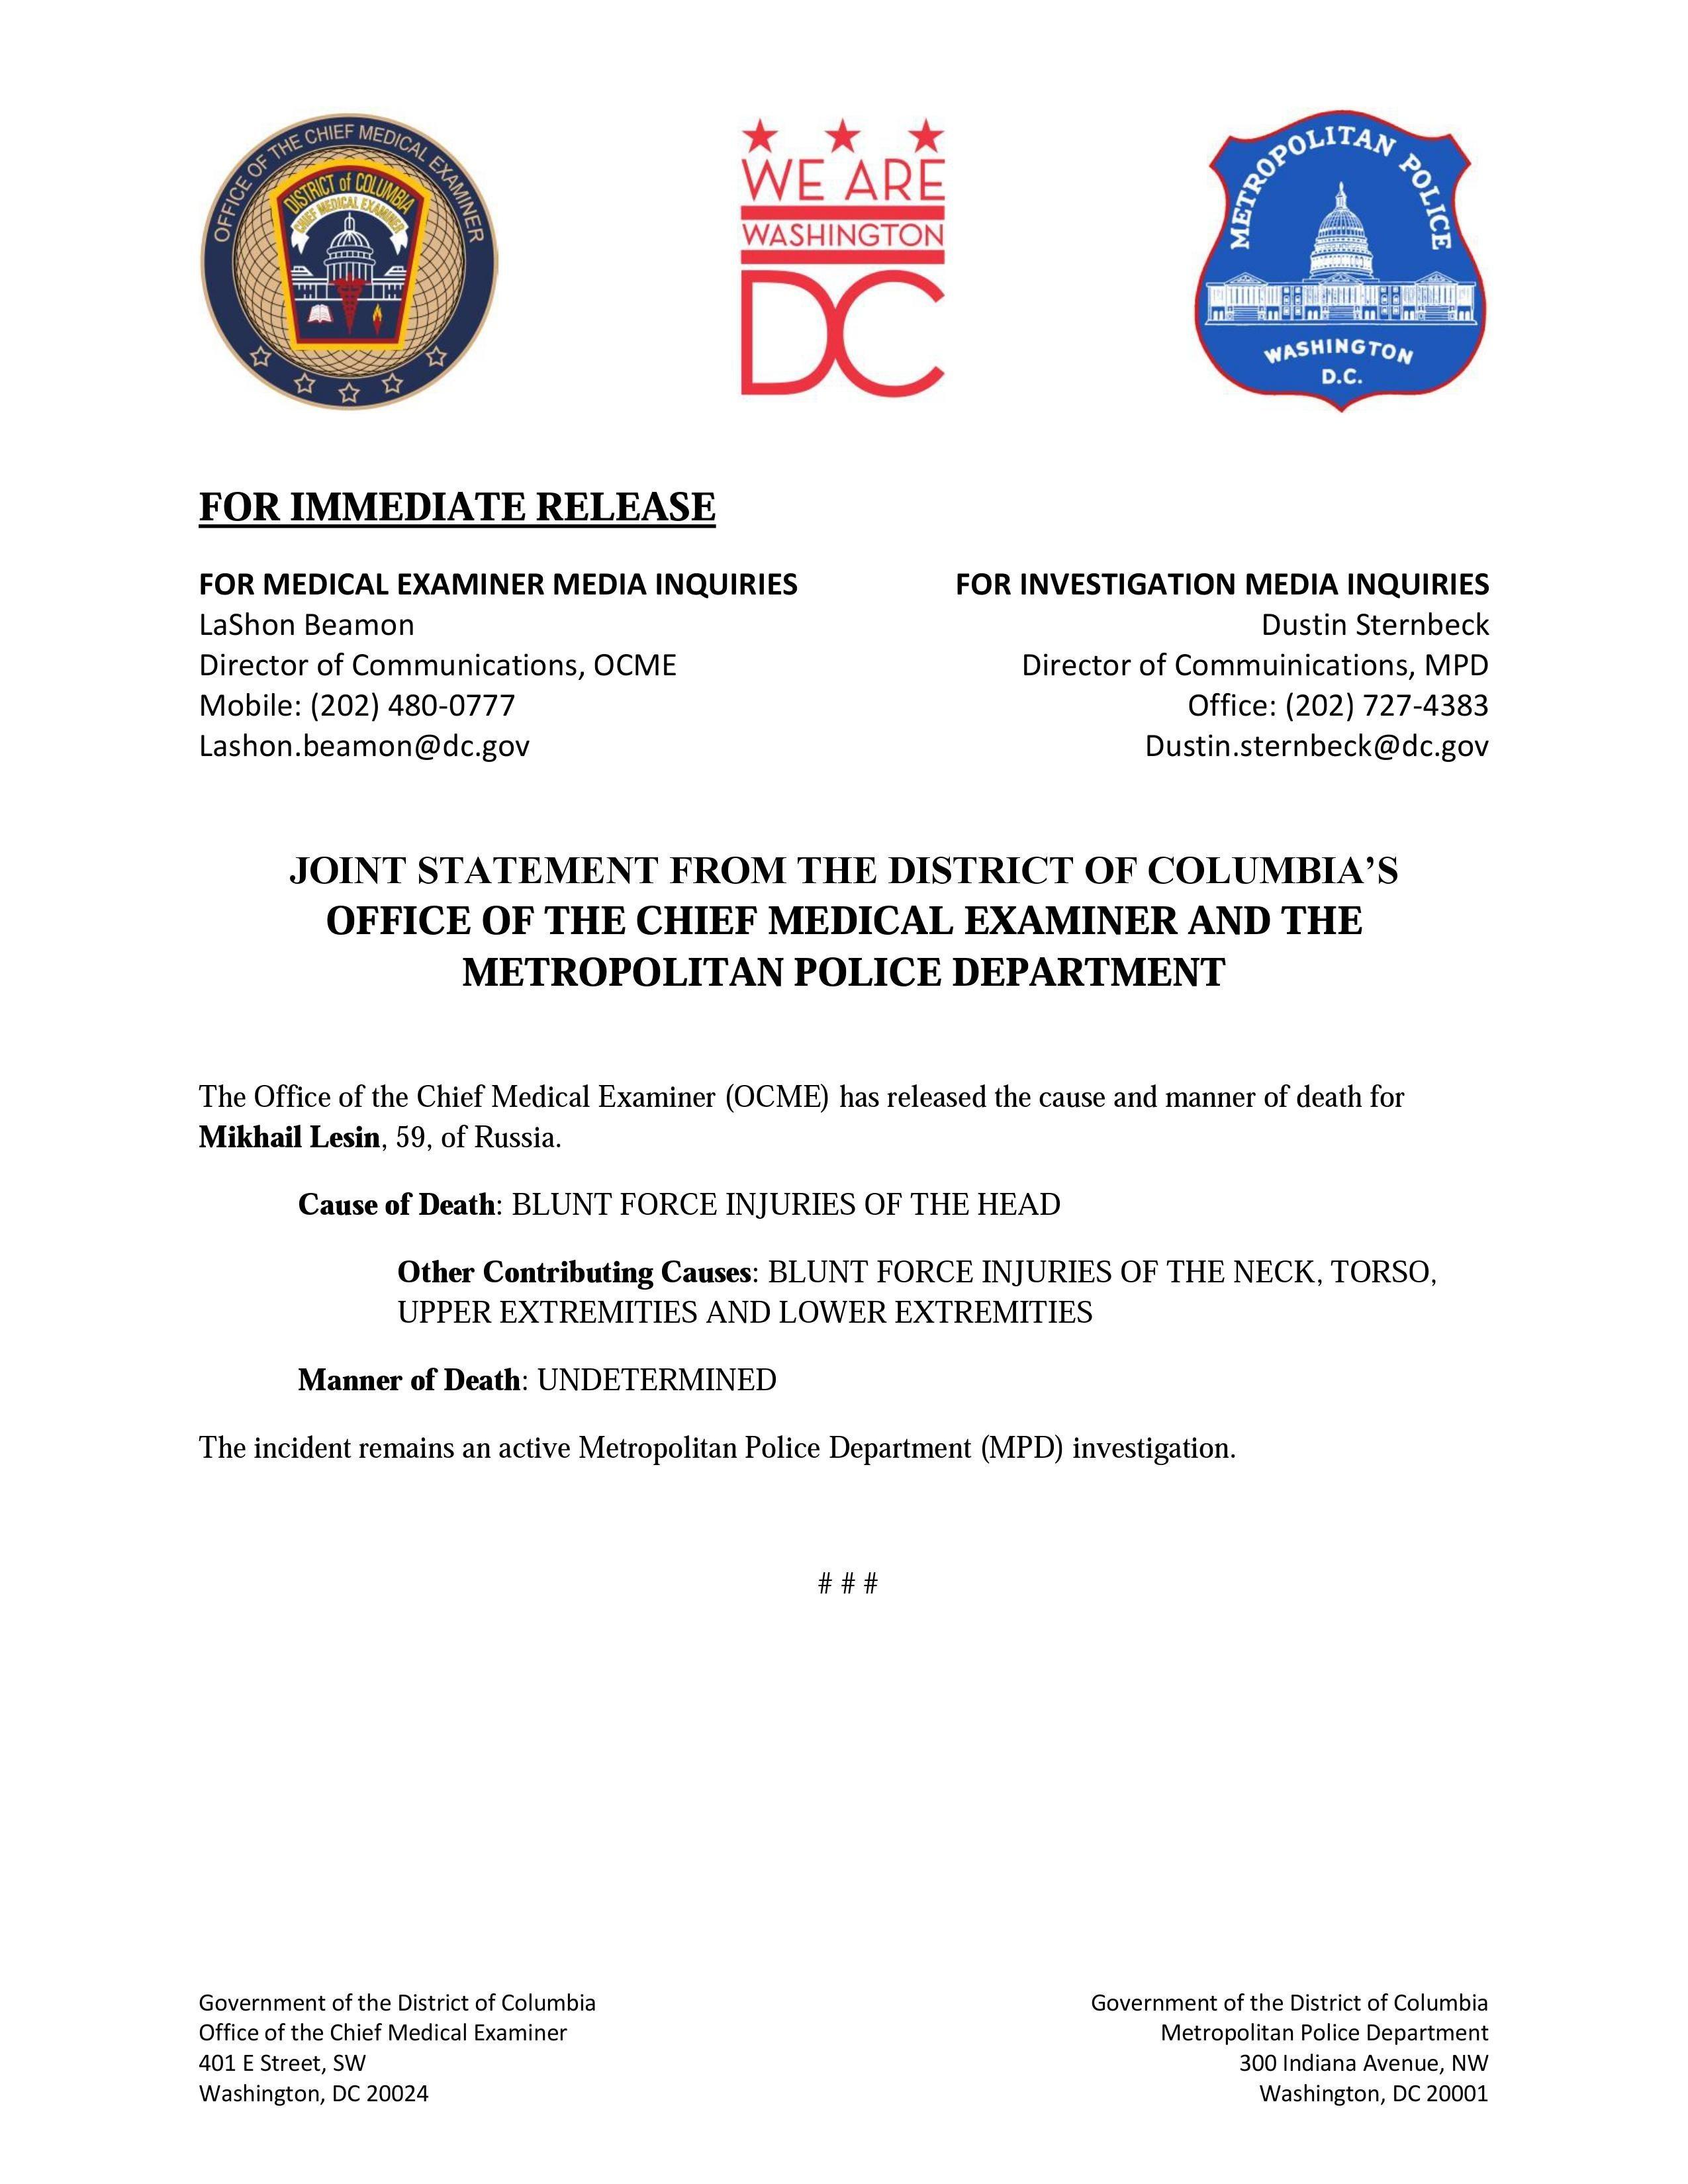 El comunicado oficial de las entidades de EEUU sobre la causa de muerte de Mijaíl Lesin